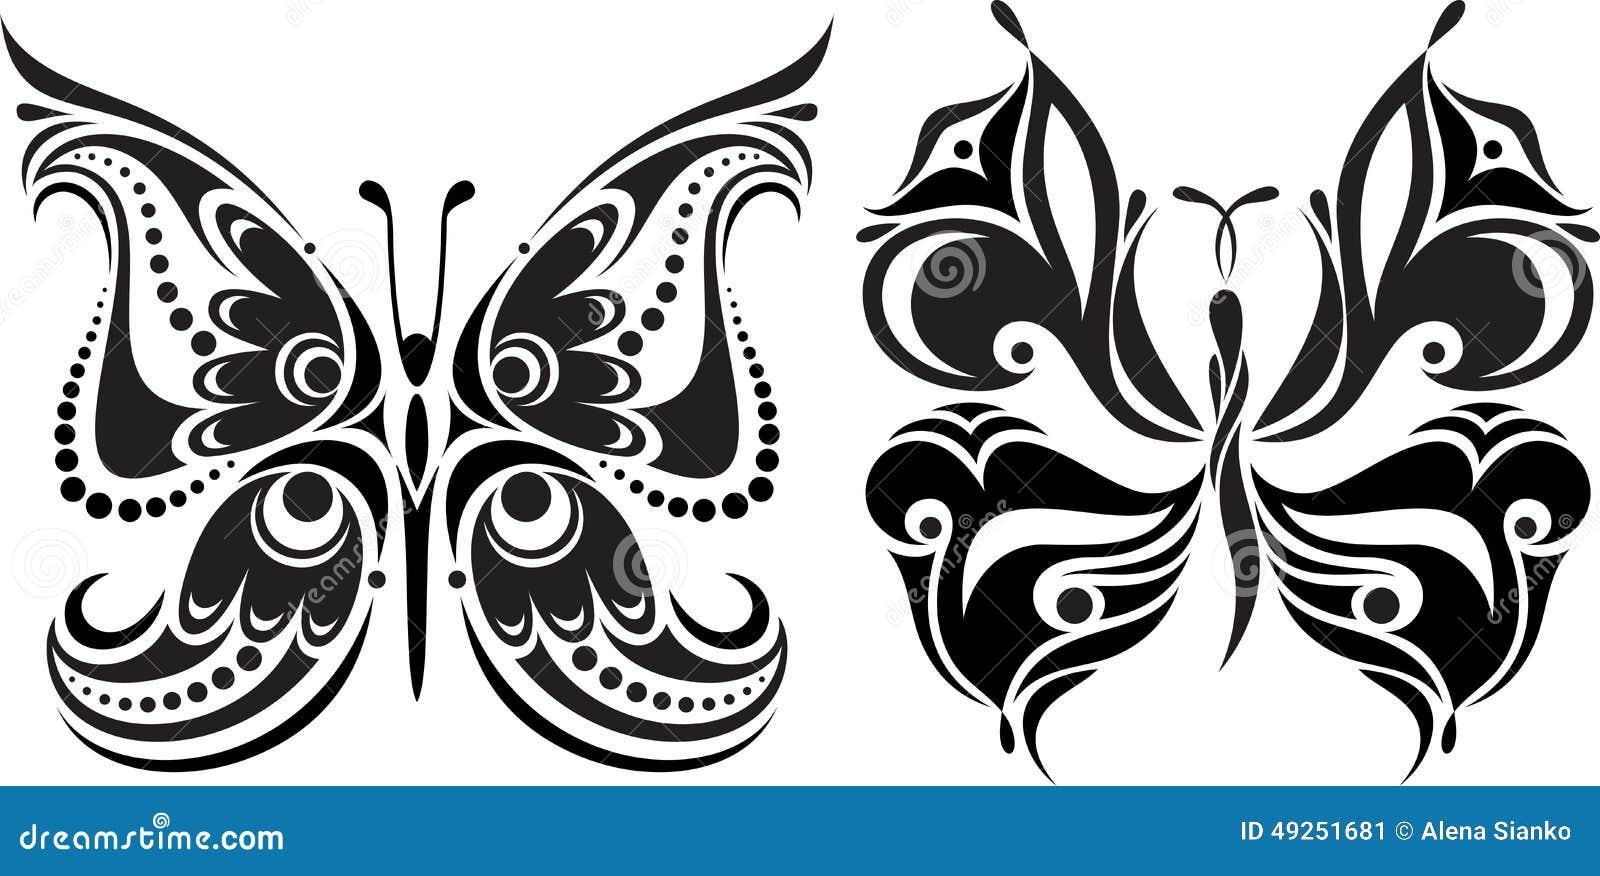 Colorear En Línea: Silueta Delicada De La Mariposa Dibujo De Líneas Y De